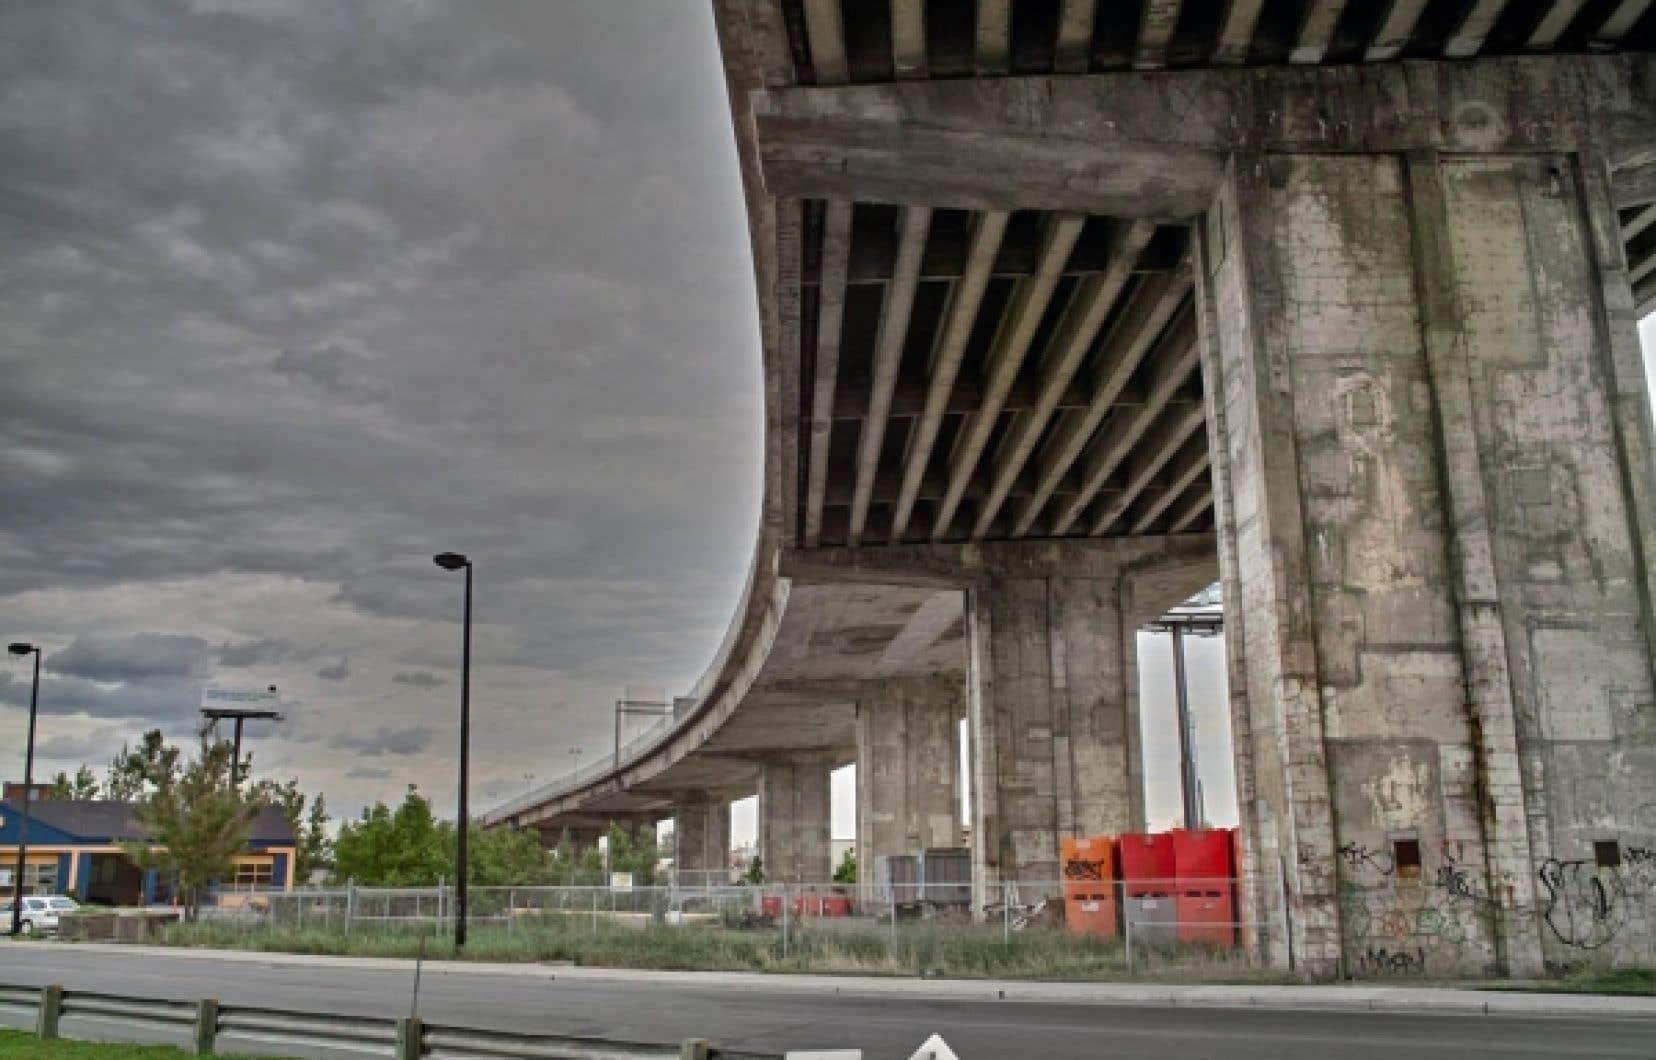 Le gouvernement du Québec réitère la décision gouvernementale de réaliser ce projet en mode conception-construction (design-build), soit le même chemin emprunté il y a 50 ans pour construire le pont Champlain.